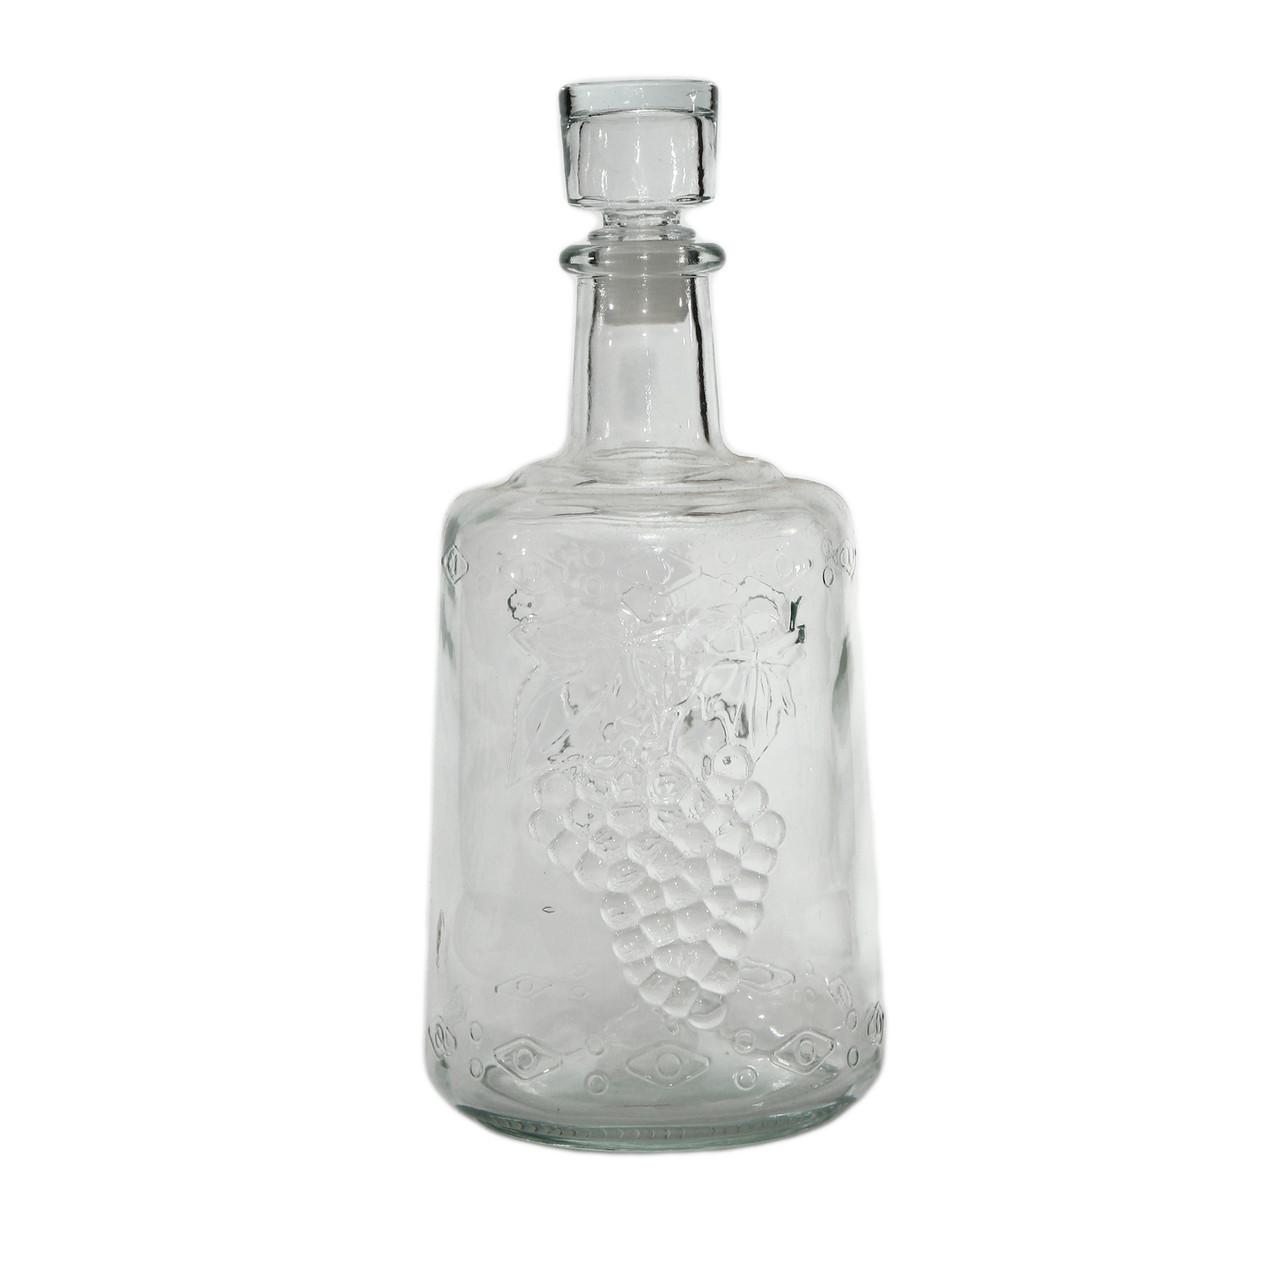 Графин стеклянный 1.5 литров (Традиция)